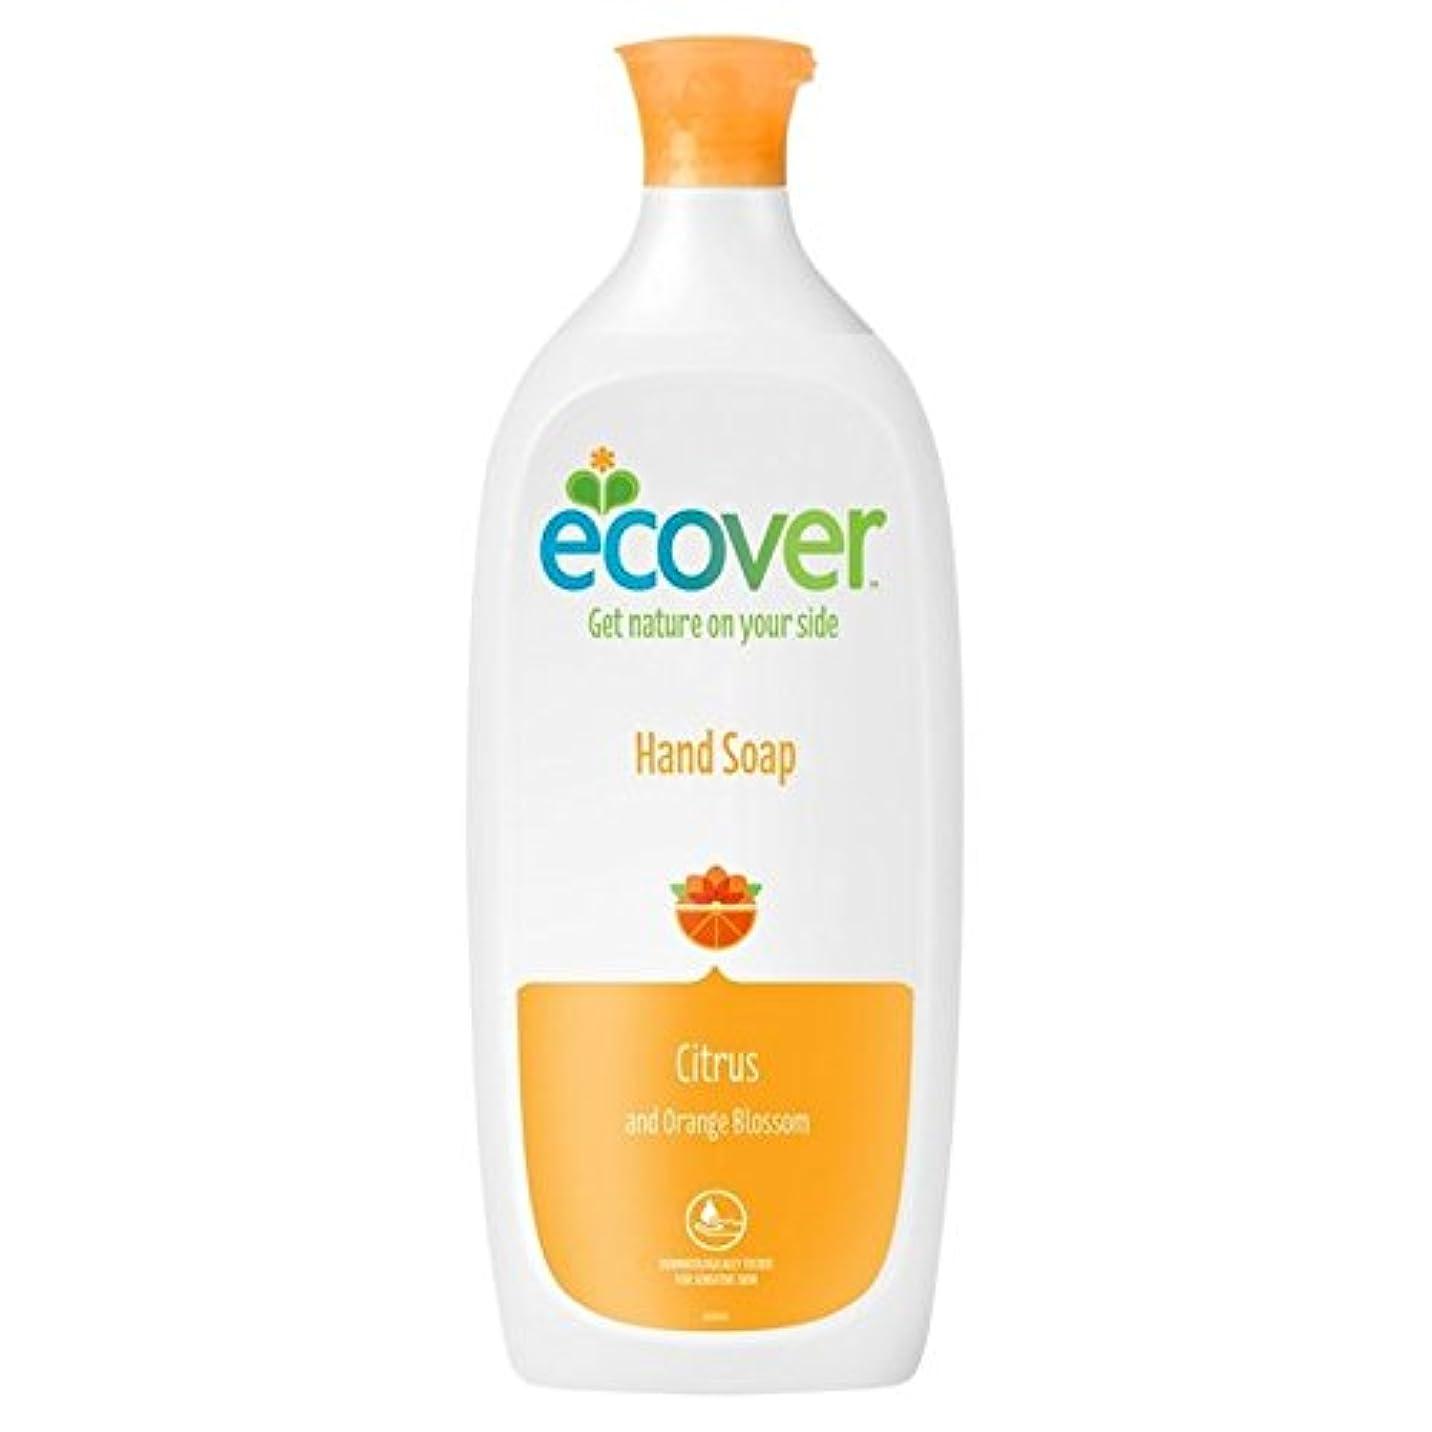 トレッド原子バックアップエコベール液体石鹸シトラス&オレンジの花のリフィル1リットル x4 - Ecover Liquid Soap Citrus & Orange Blossom Refill 1L (Pack of 4) [並行輸入品]